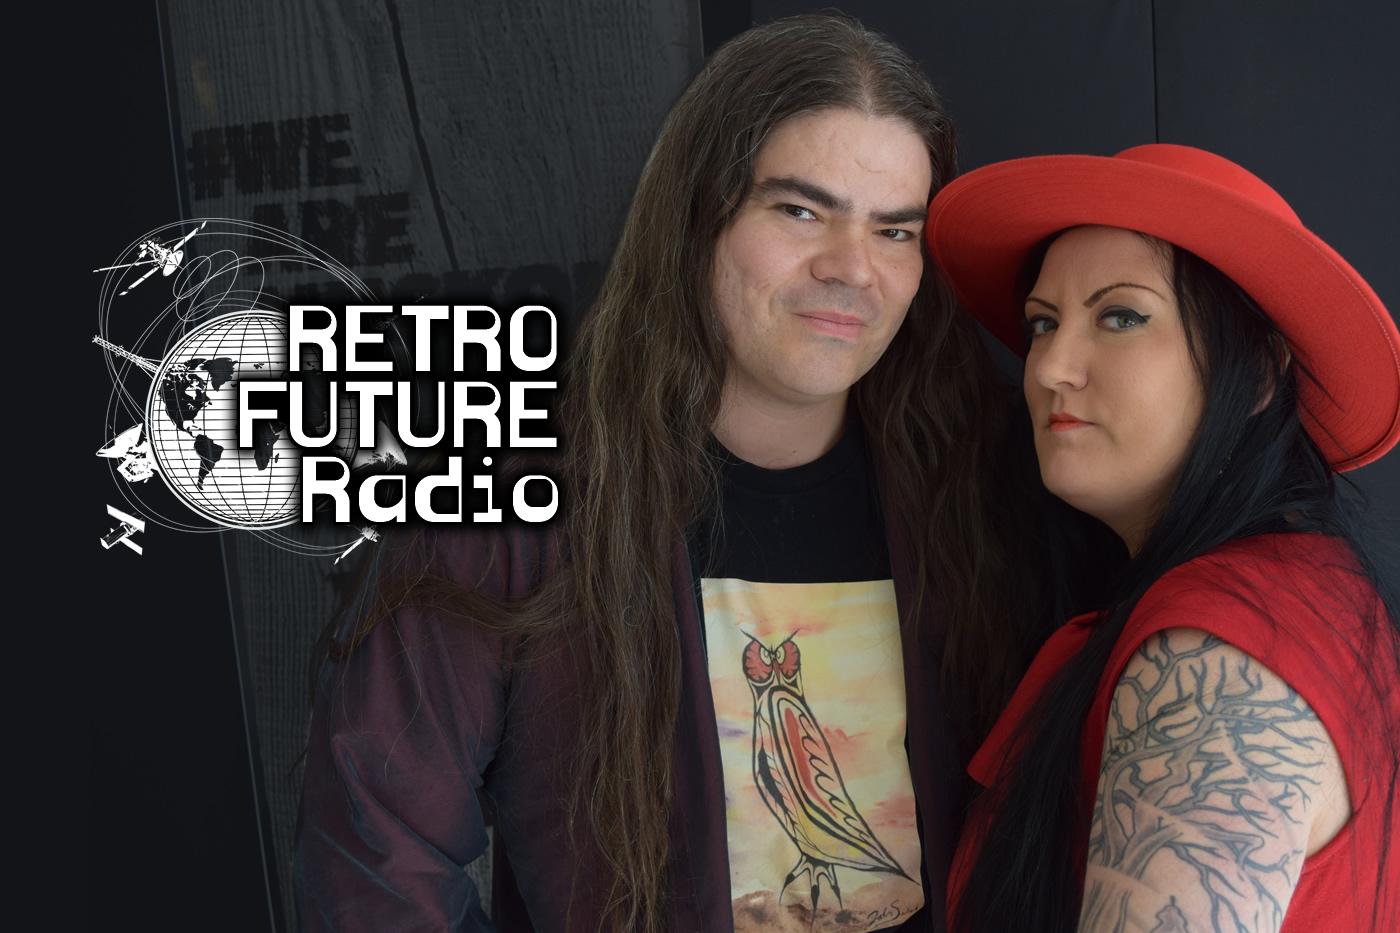 Retro Future Radio